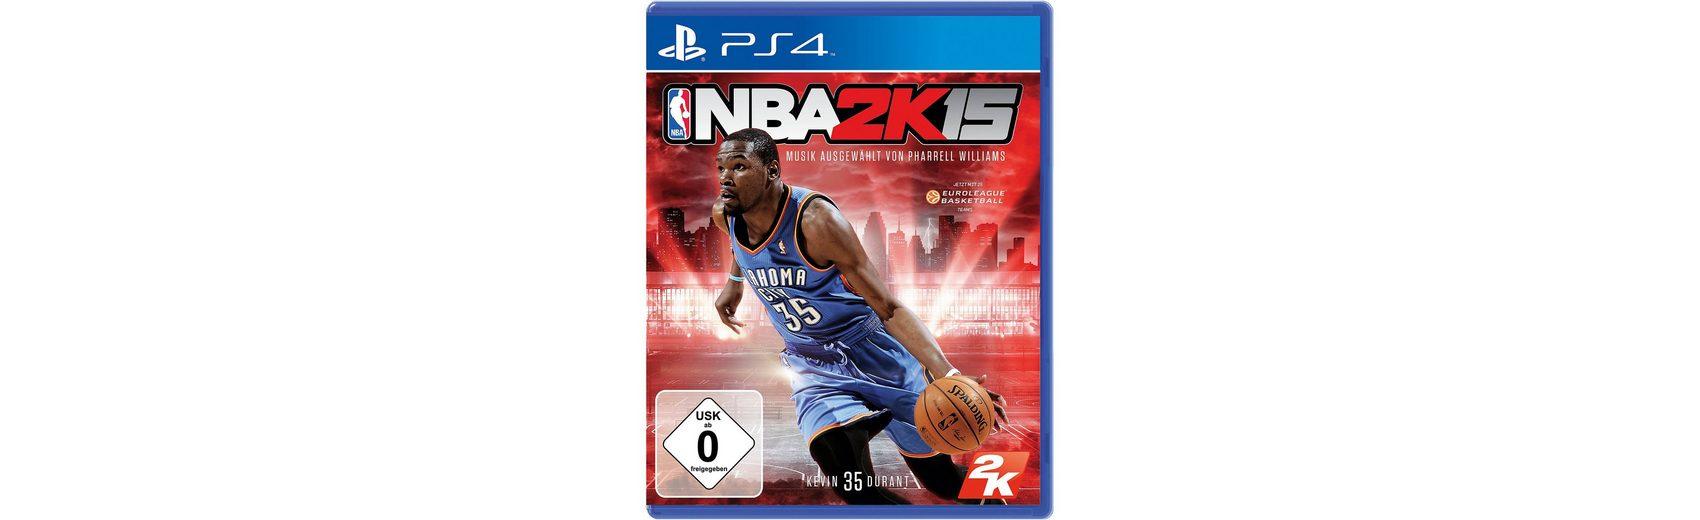 ak tronic PS4 NBA 2K15